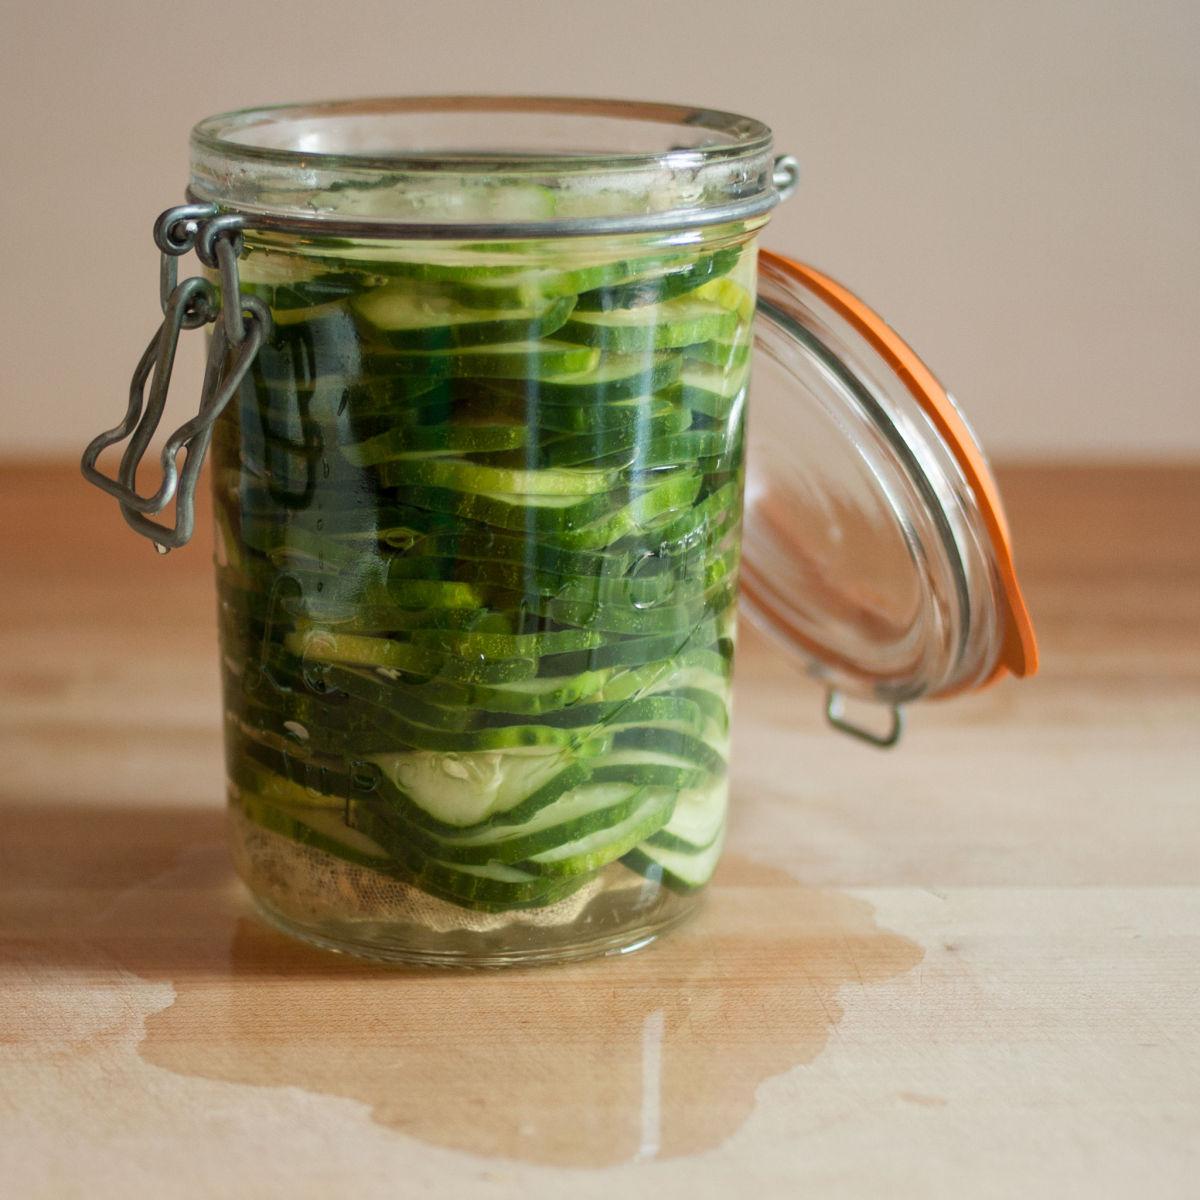 Finsihed refrigerator pickles